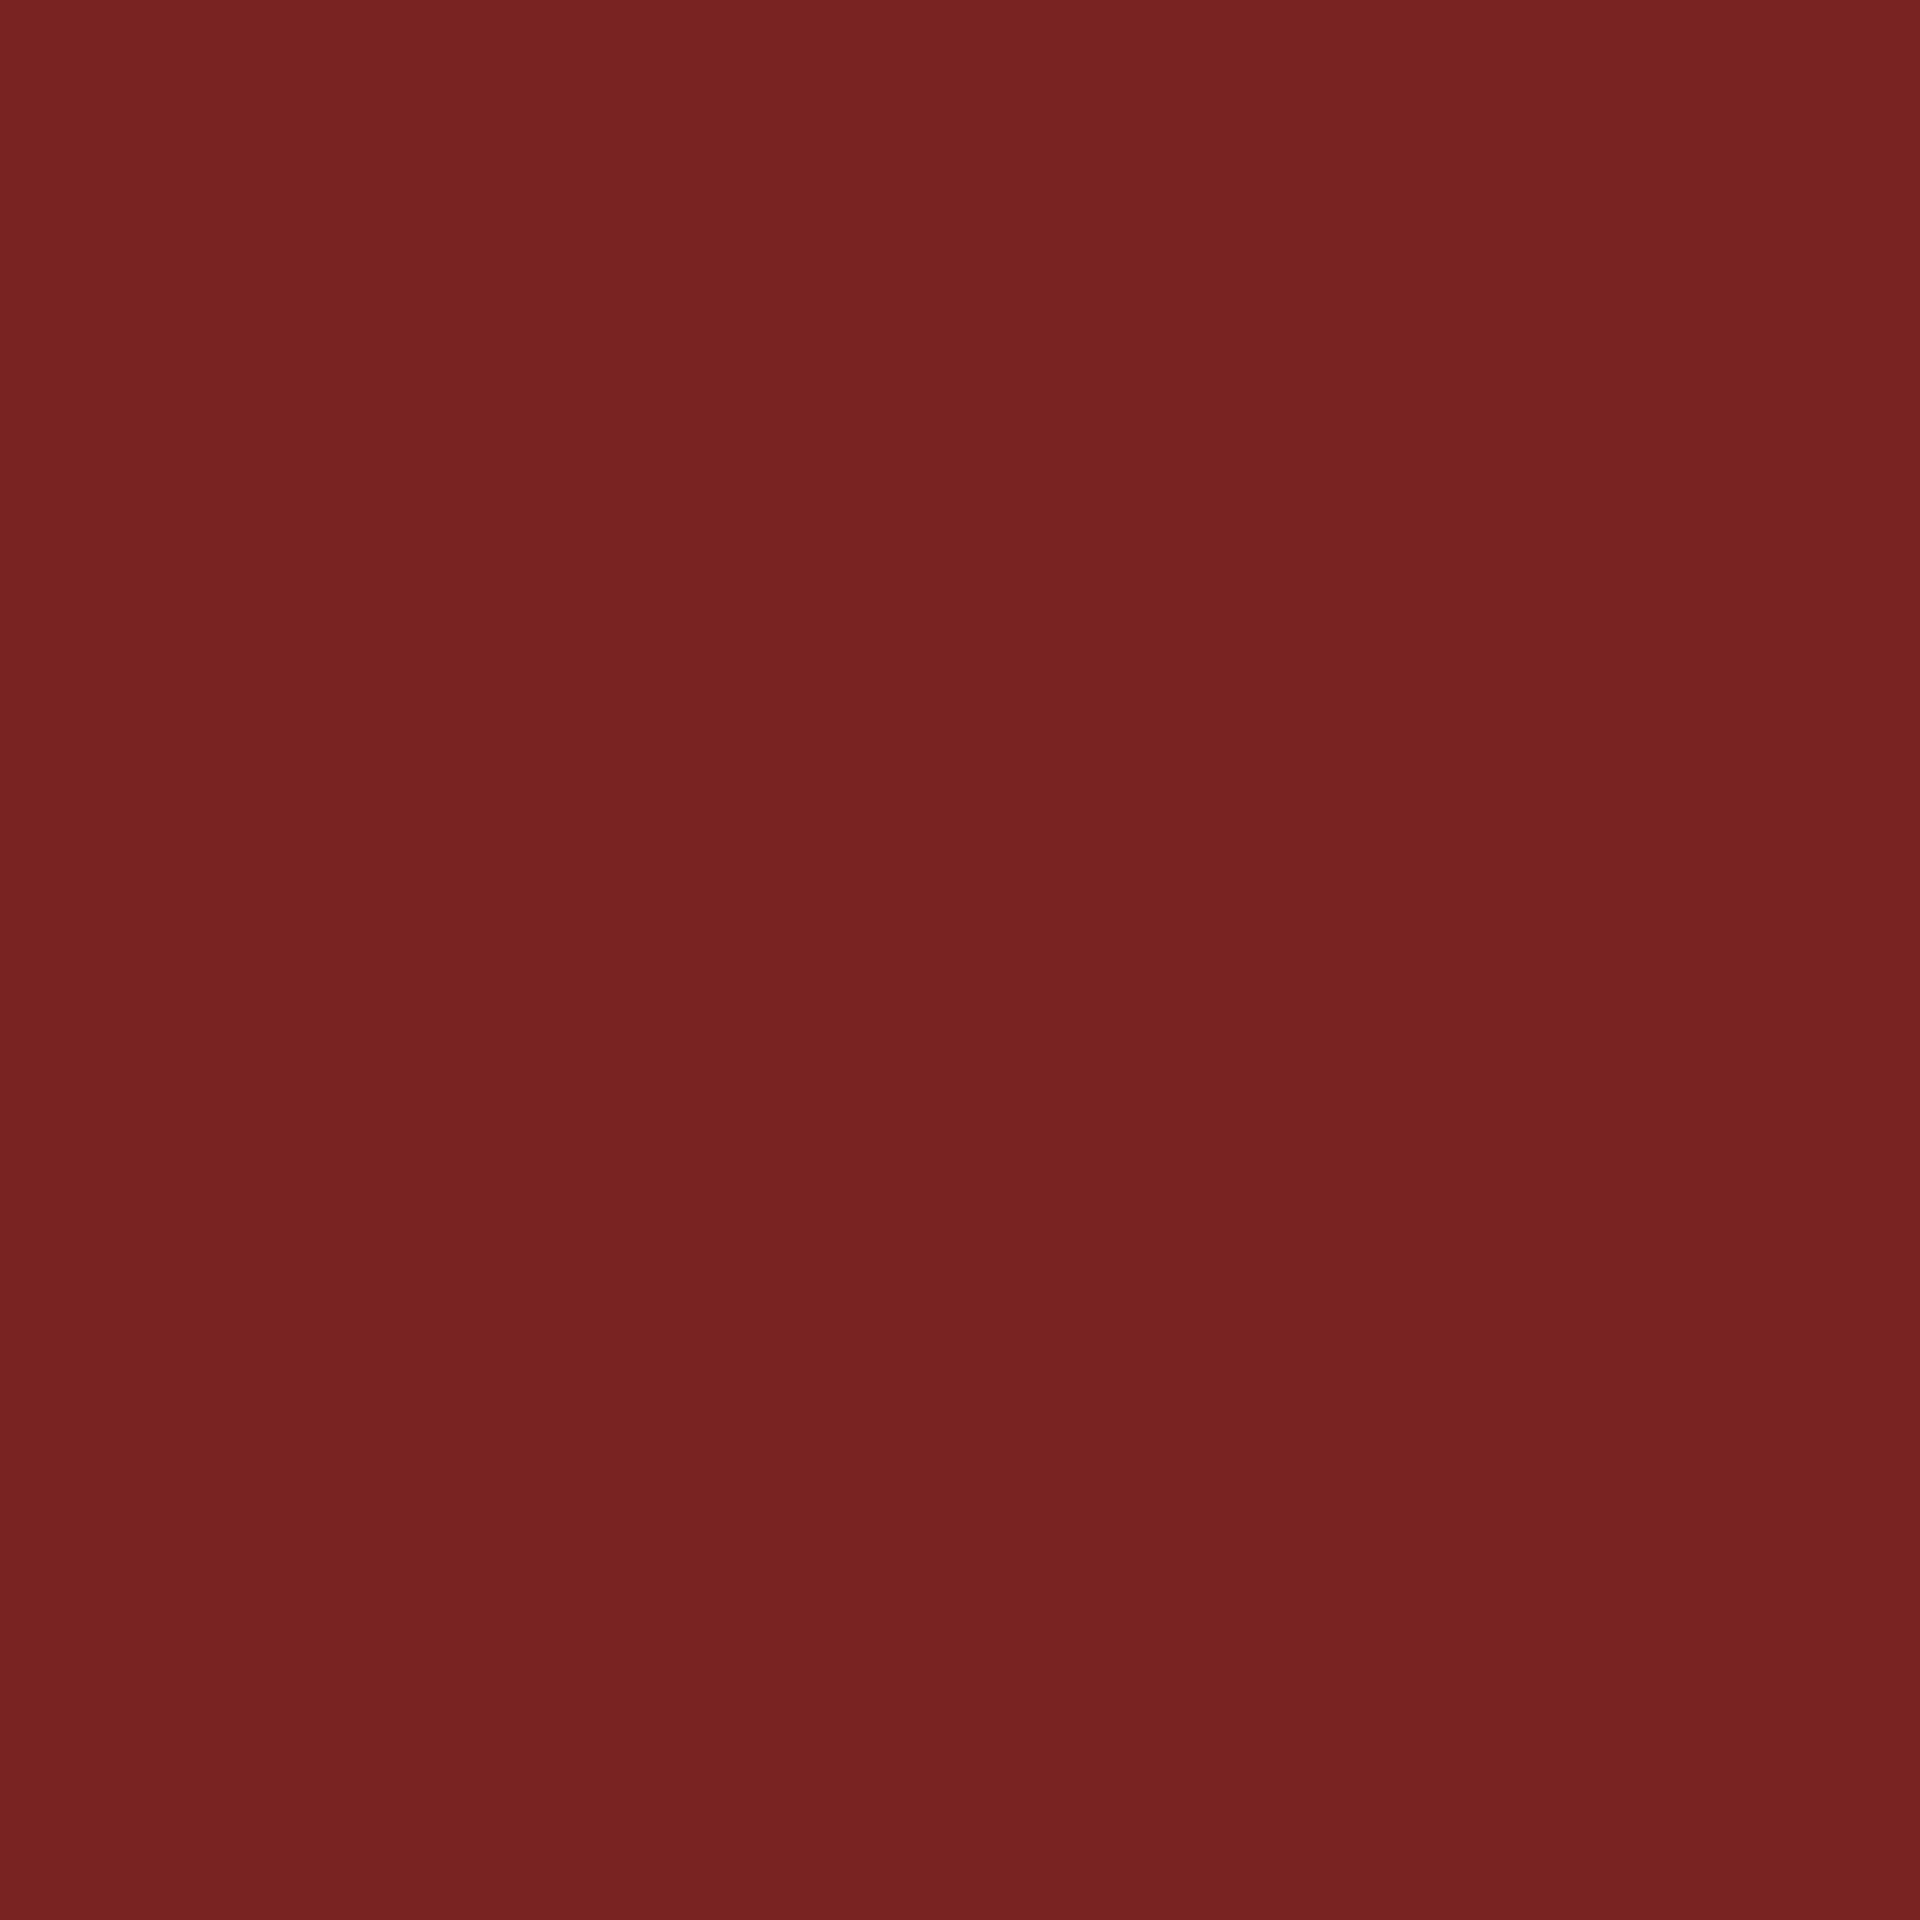 Hnědavě červená RAL 3011